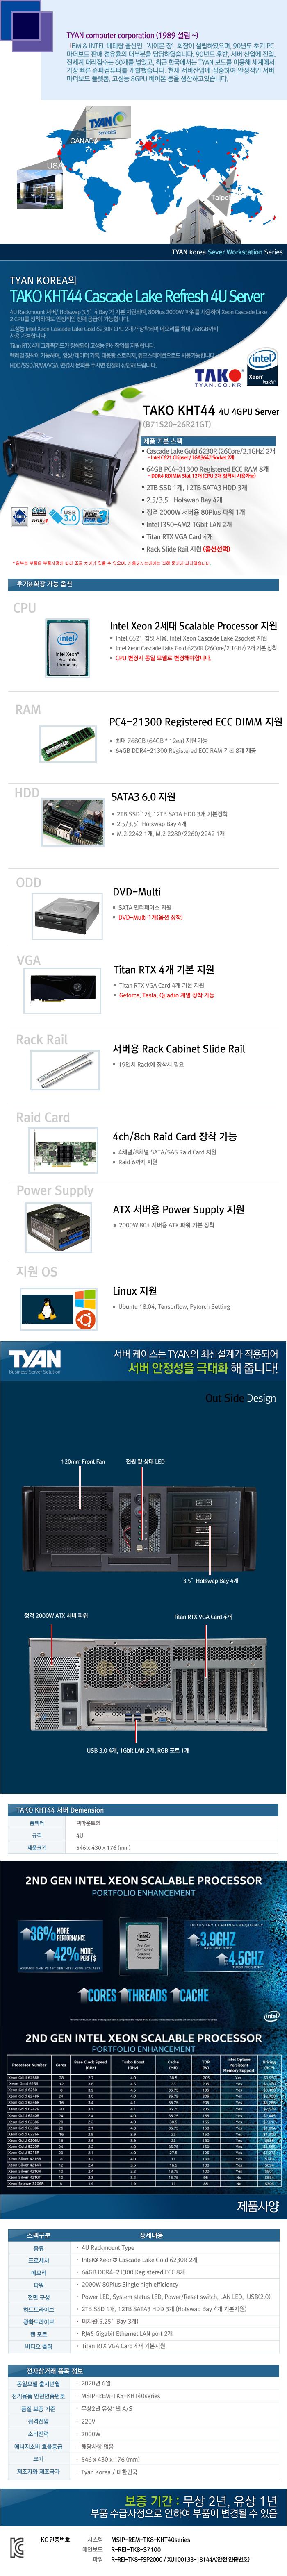 TYAN TAKO-KHT44-(B71S20-26R21GT) 4GPU (512GB, SSD 2TB + 36TB)